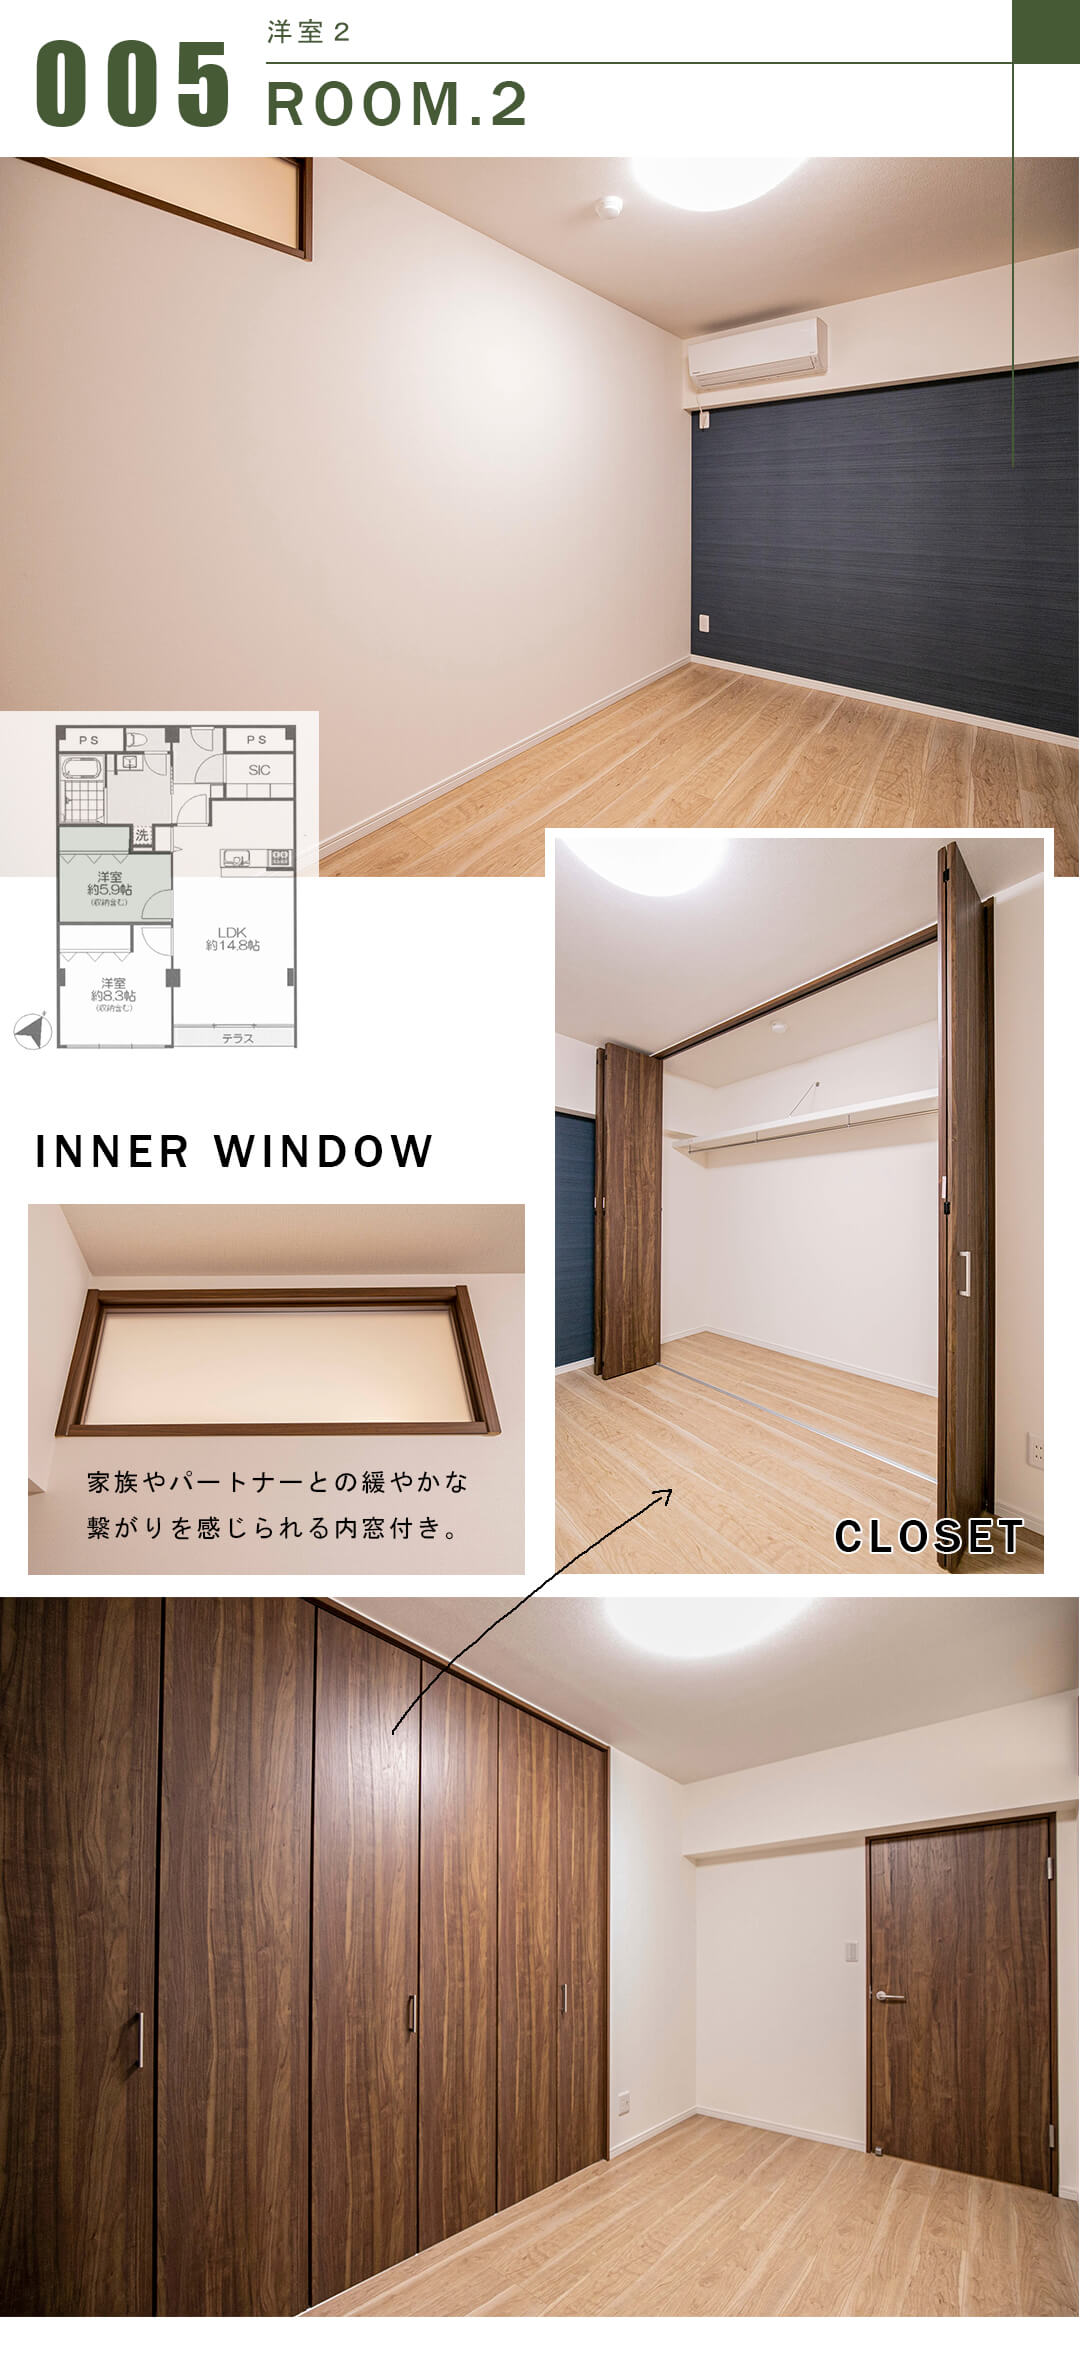 ニュー赤坂コーポラスの洋室